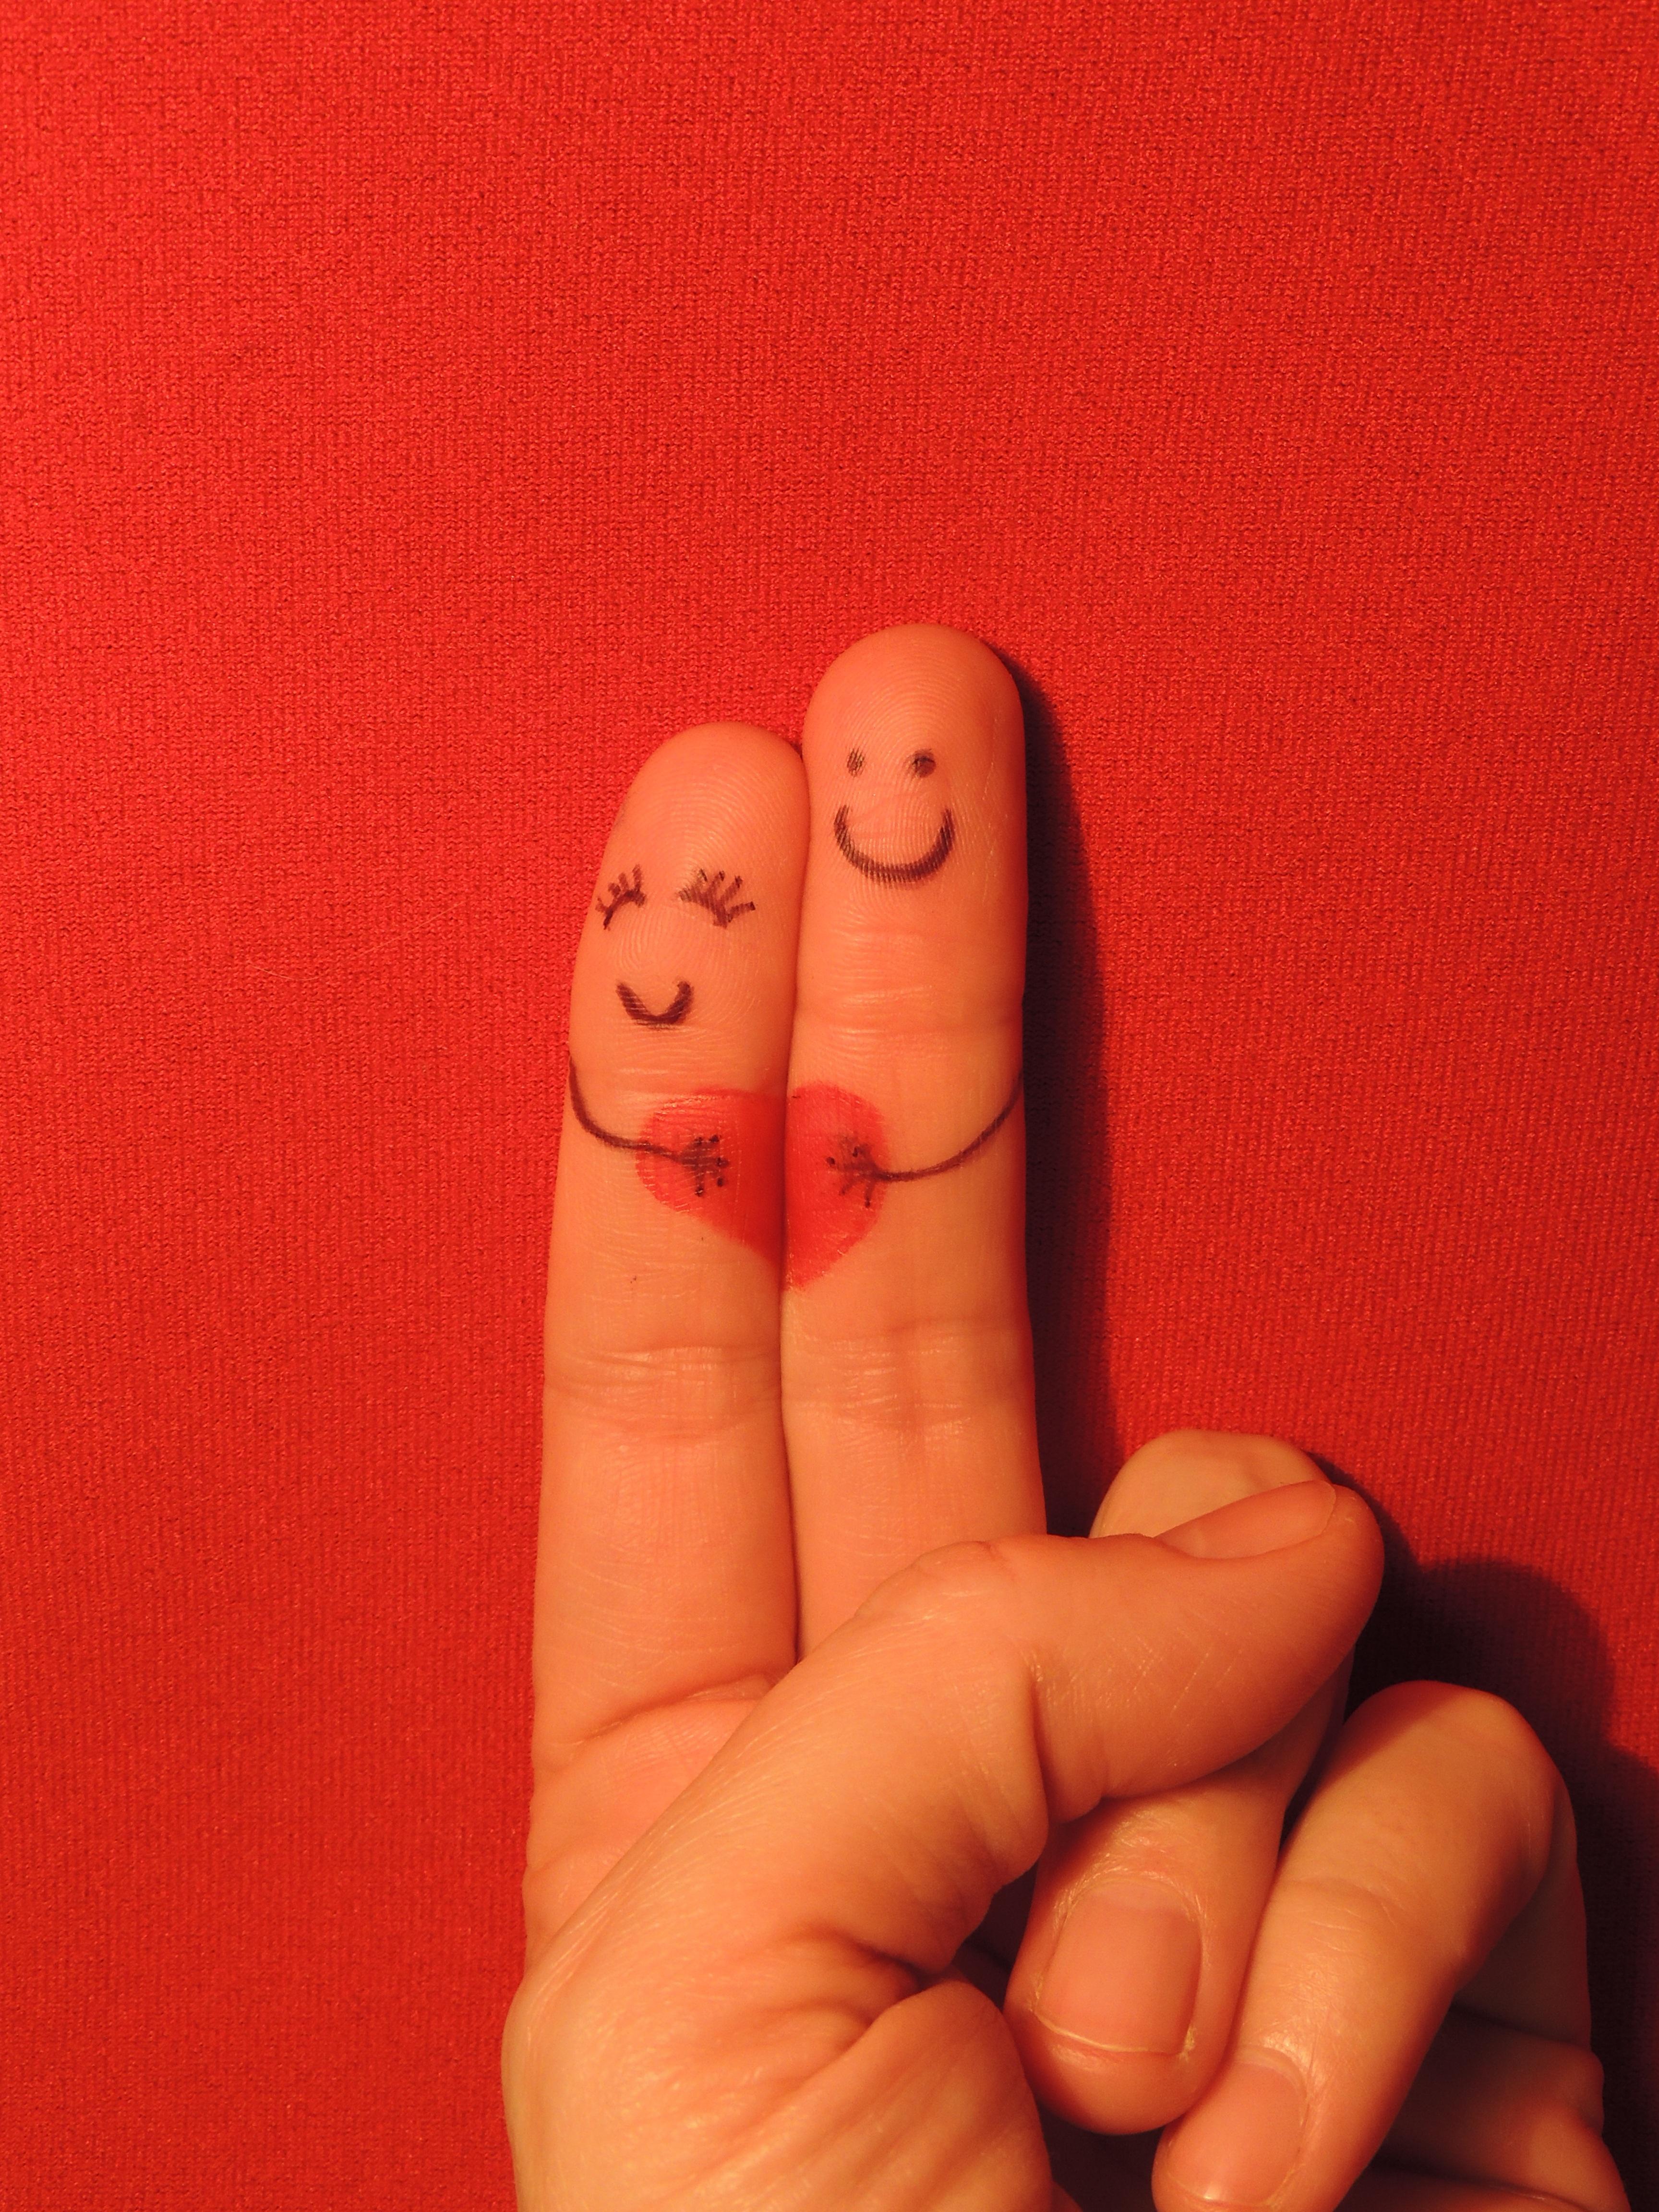 Любовь на пальцах картинки